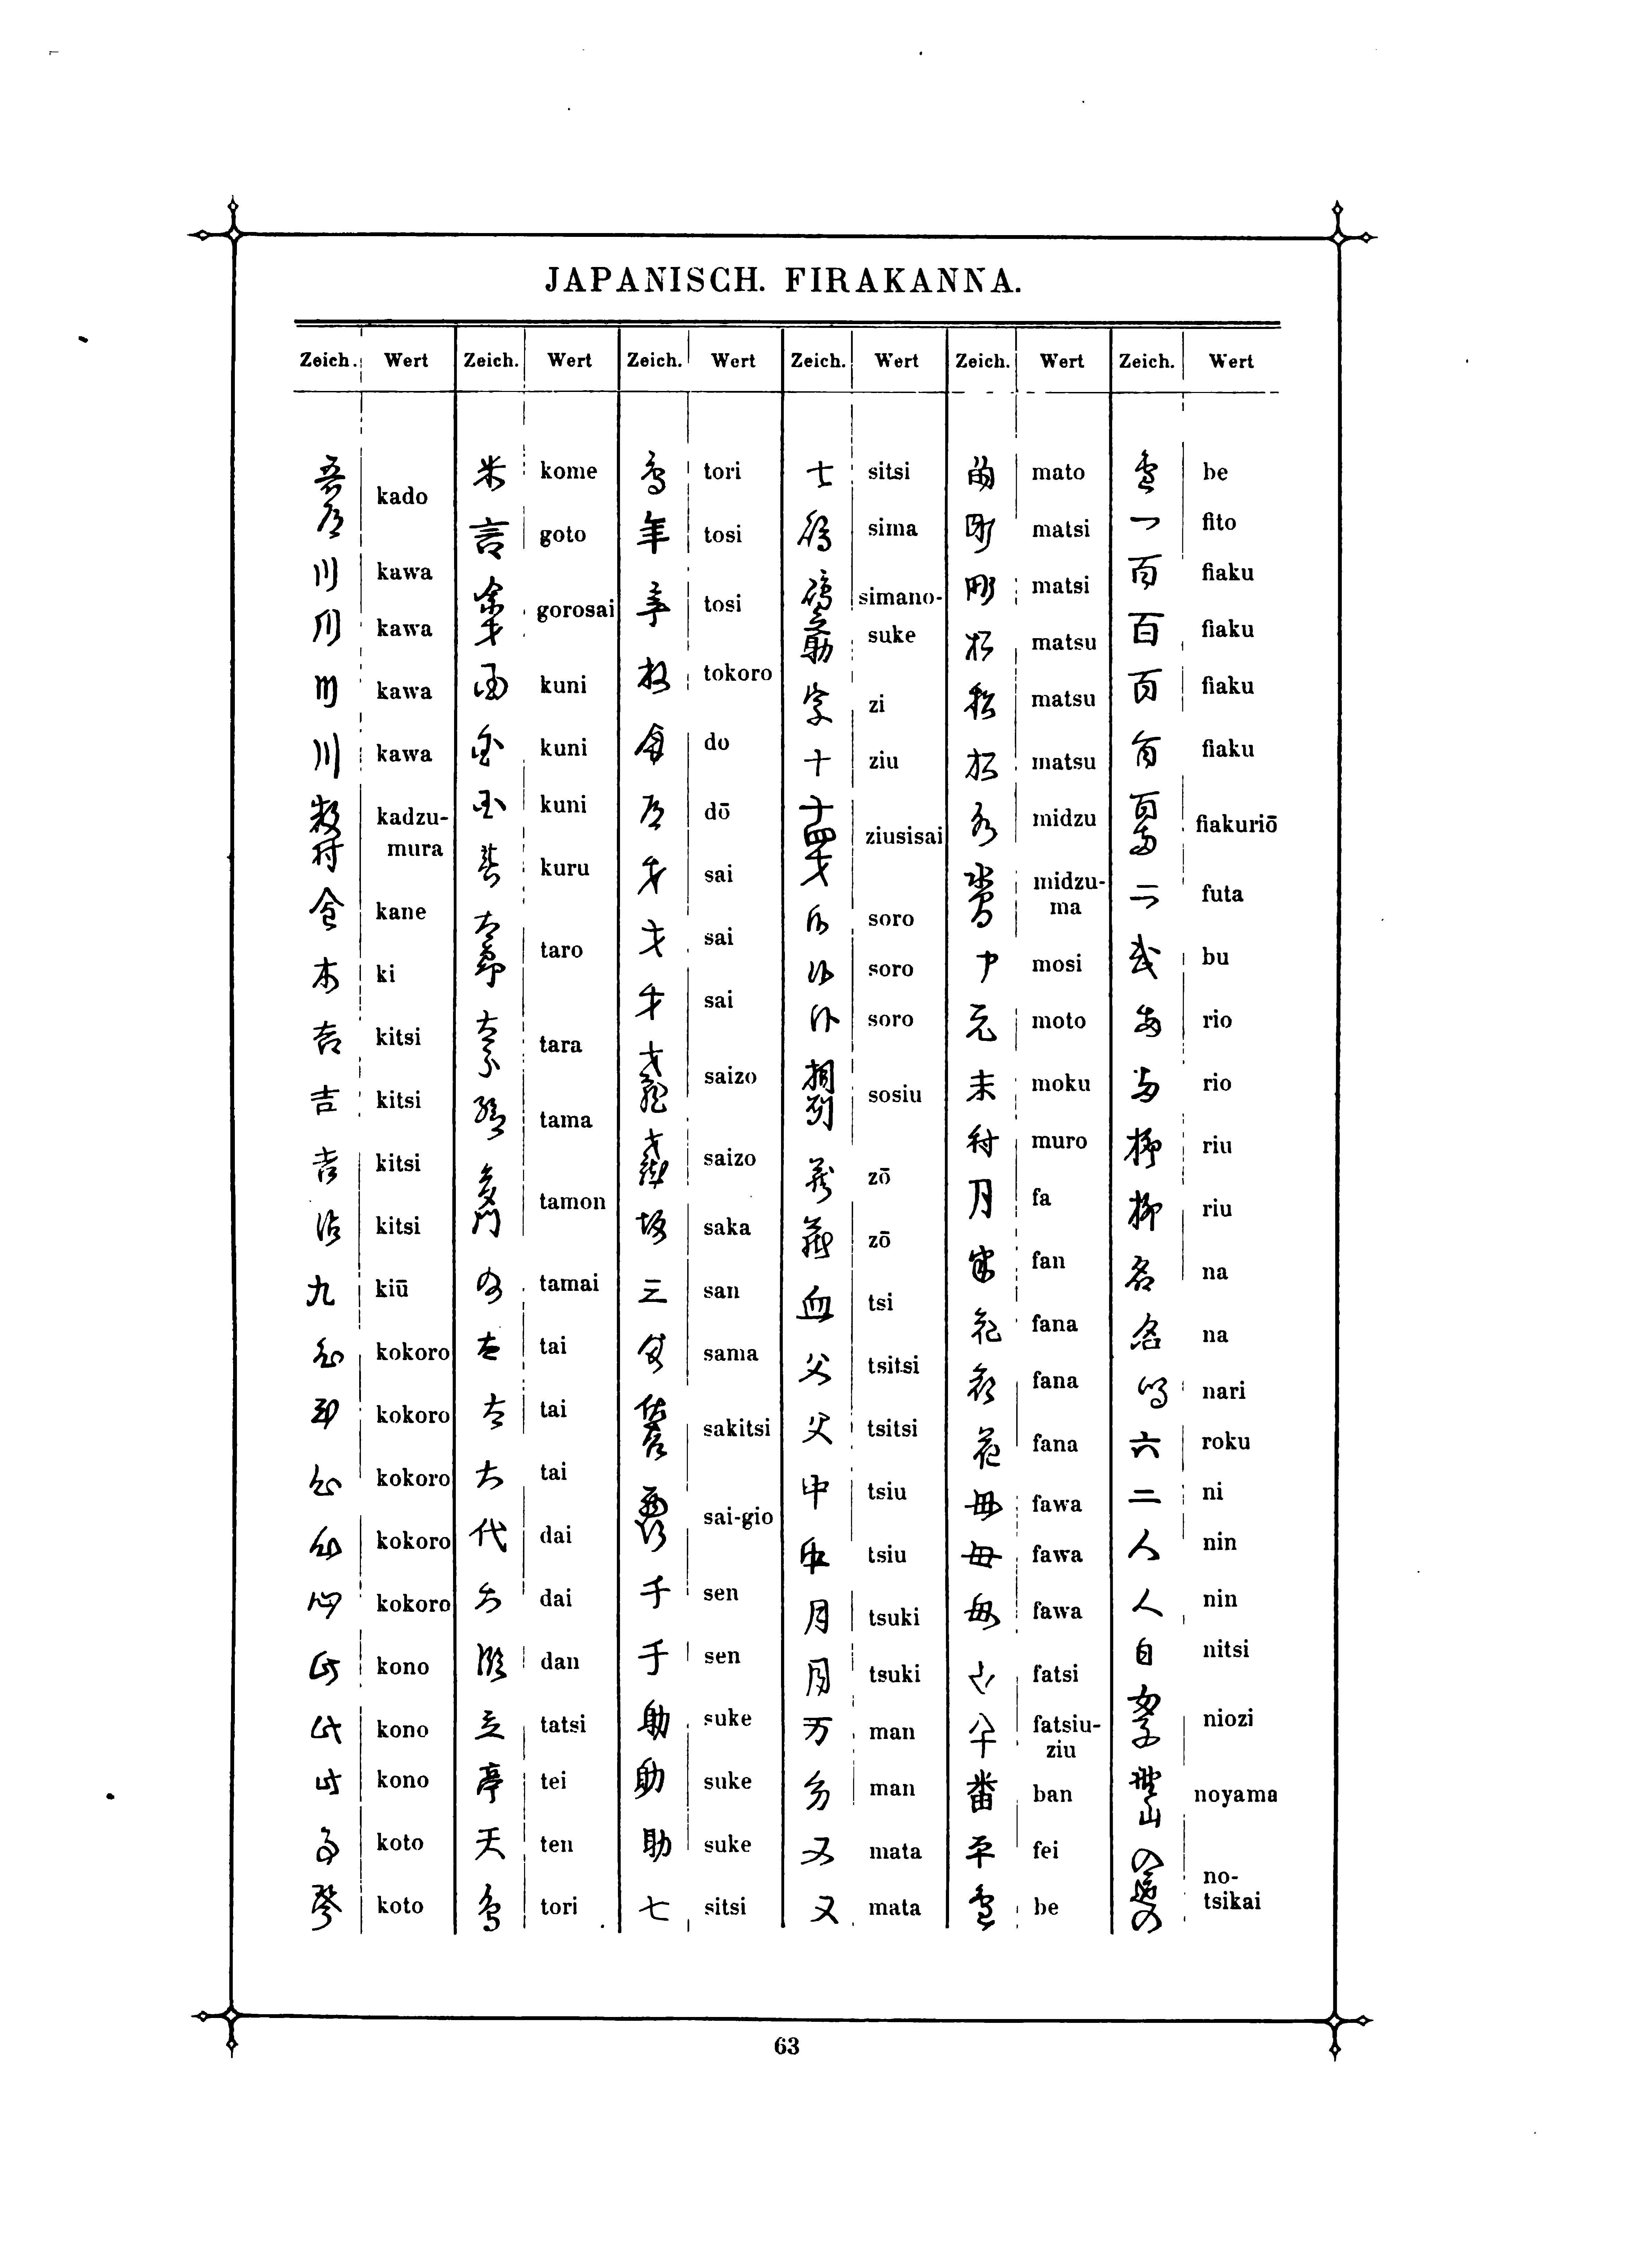 Hiragana Charts: Das Buch der Schrift (Faulmann) 078.jpg - Wikimedia Commons,Chart